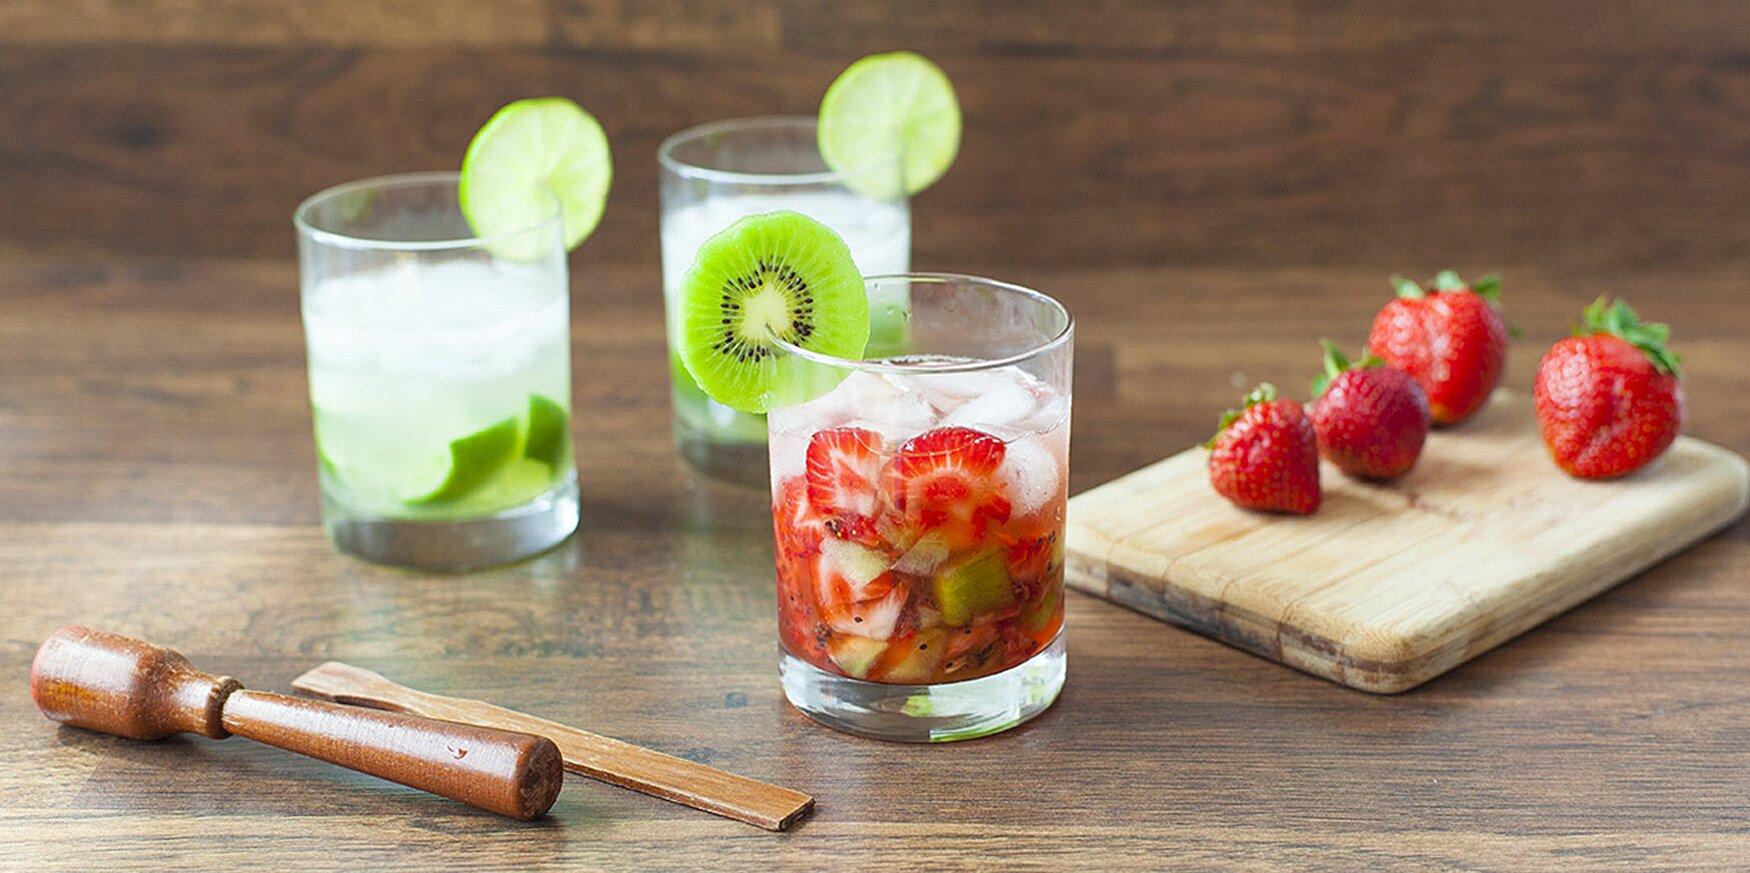 strawberry kiwi caipirinha recipe